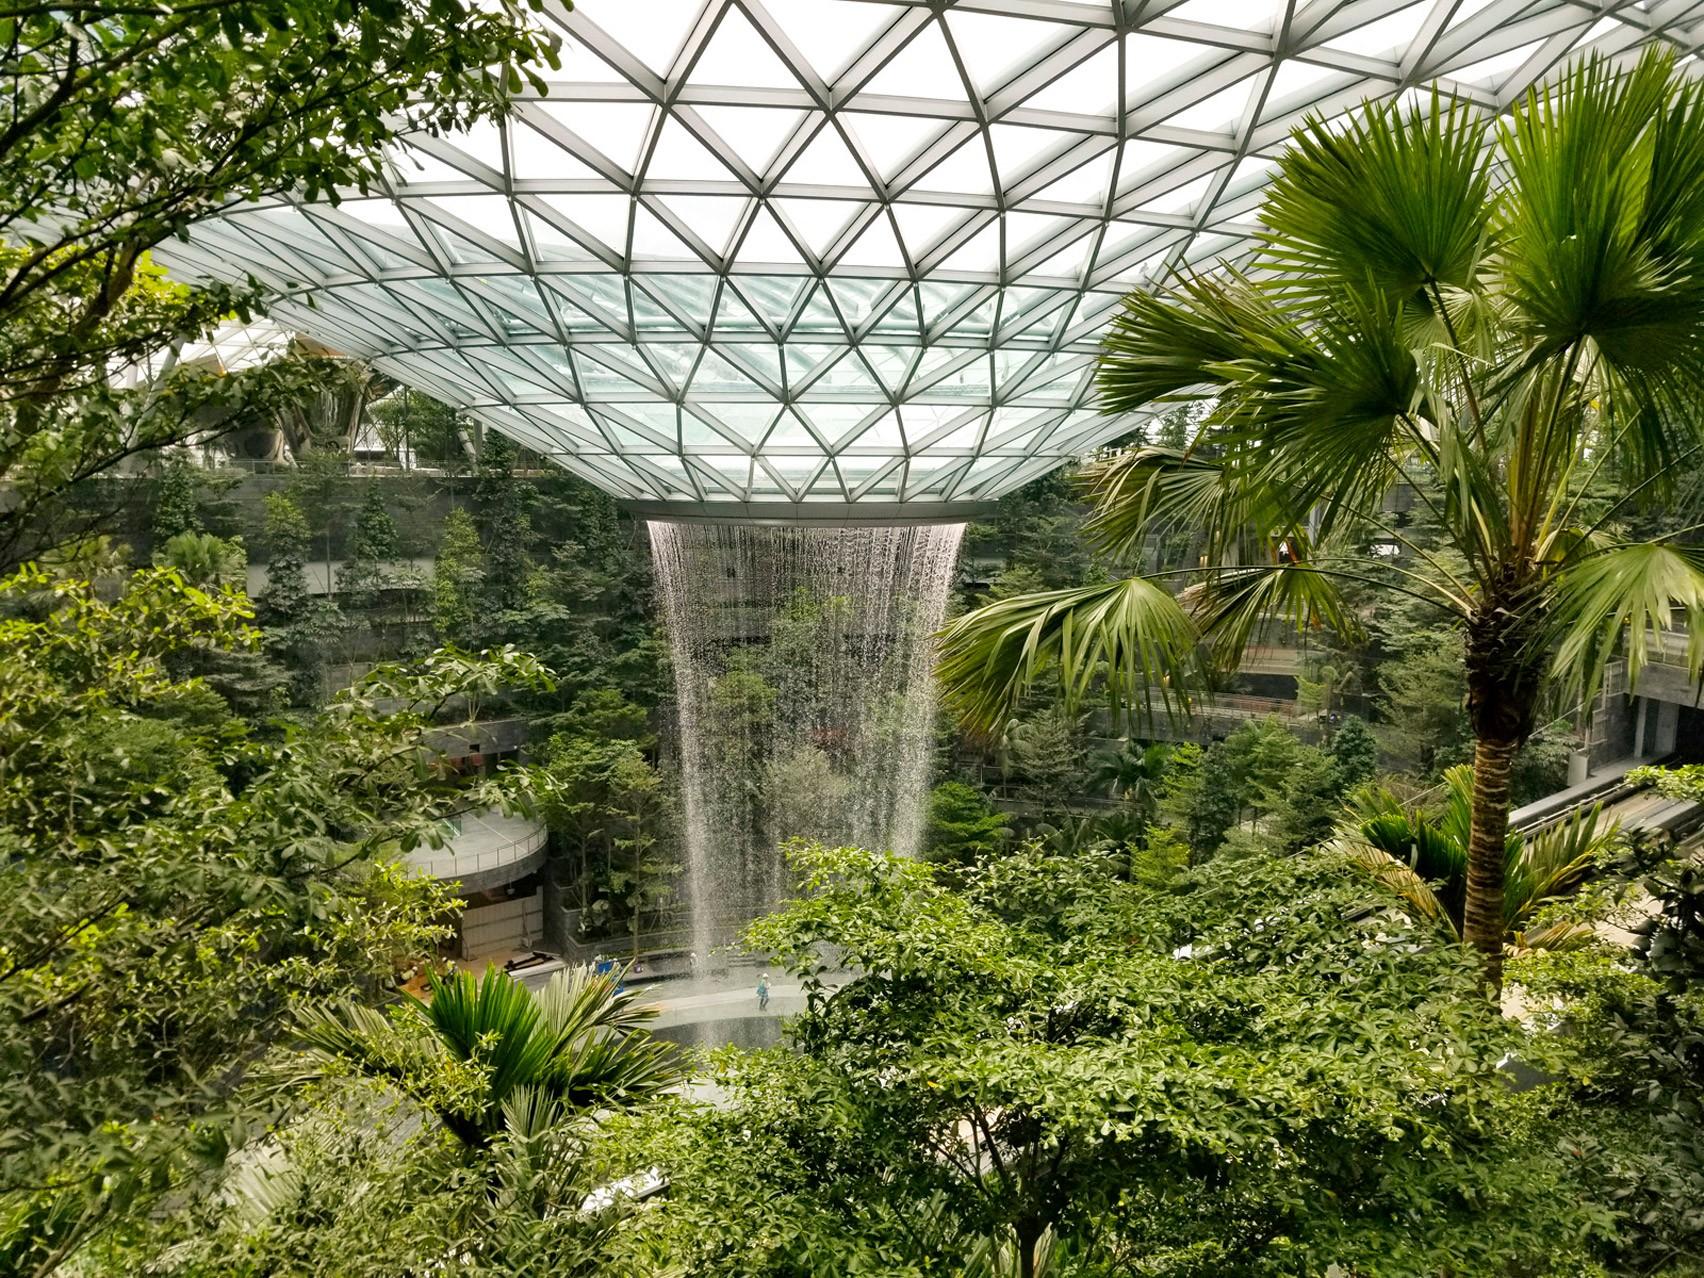 Maior cachoeira interna do mundo é construída no aeroporto de Singapura (Foto: Divulgação)